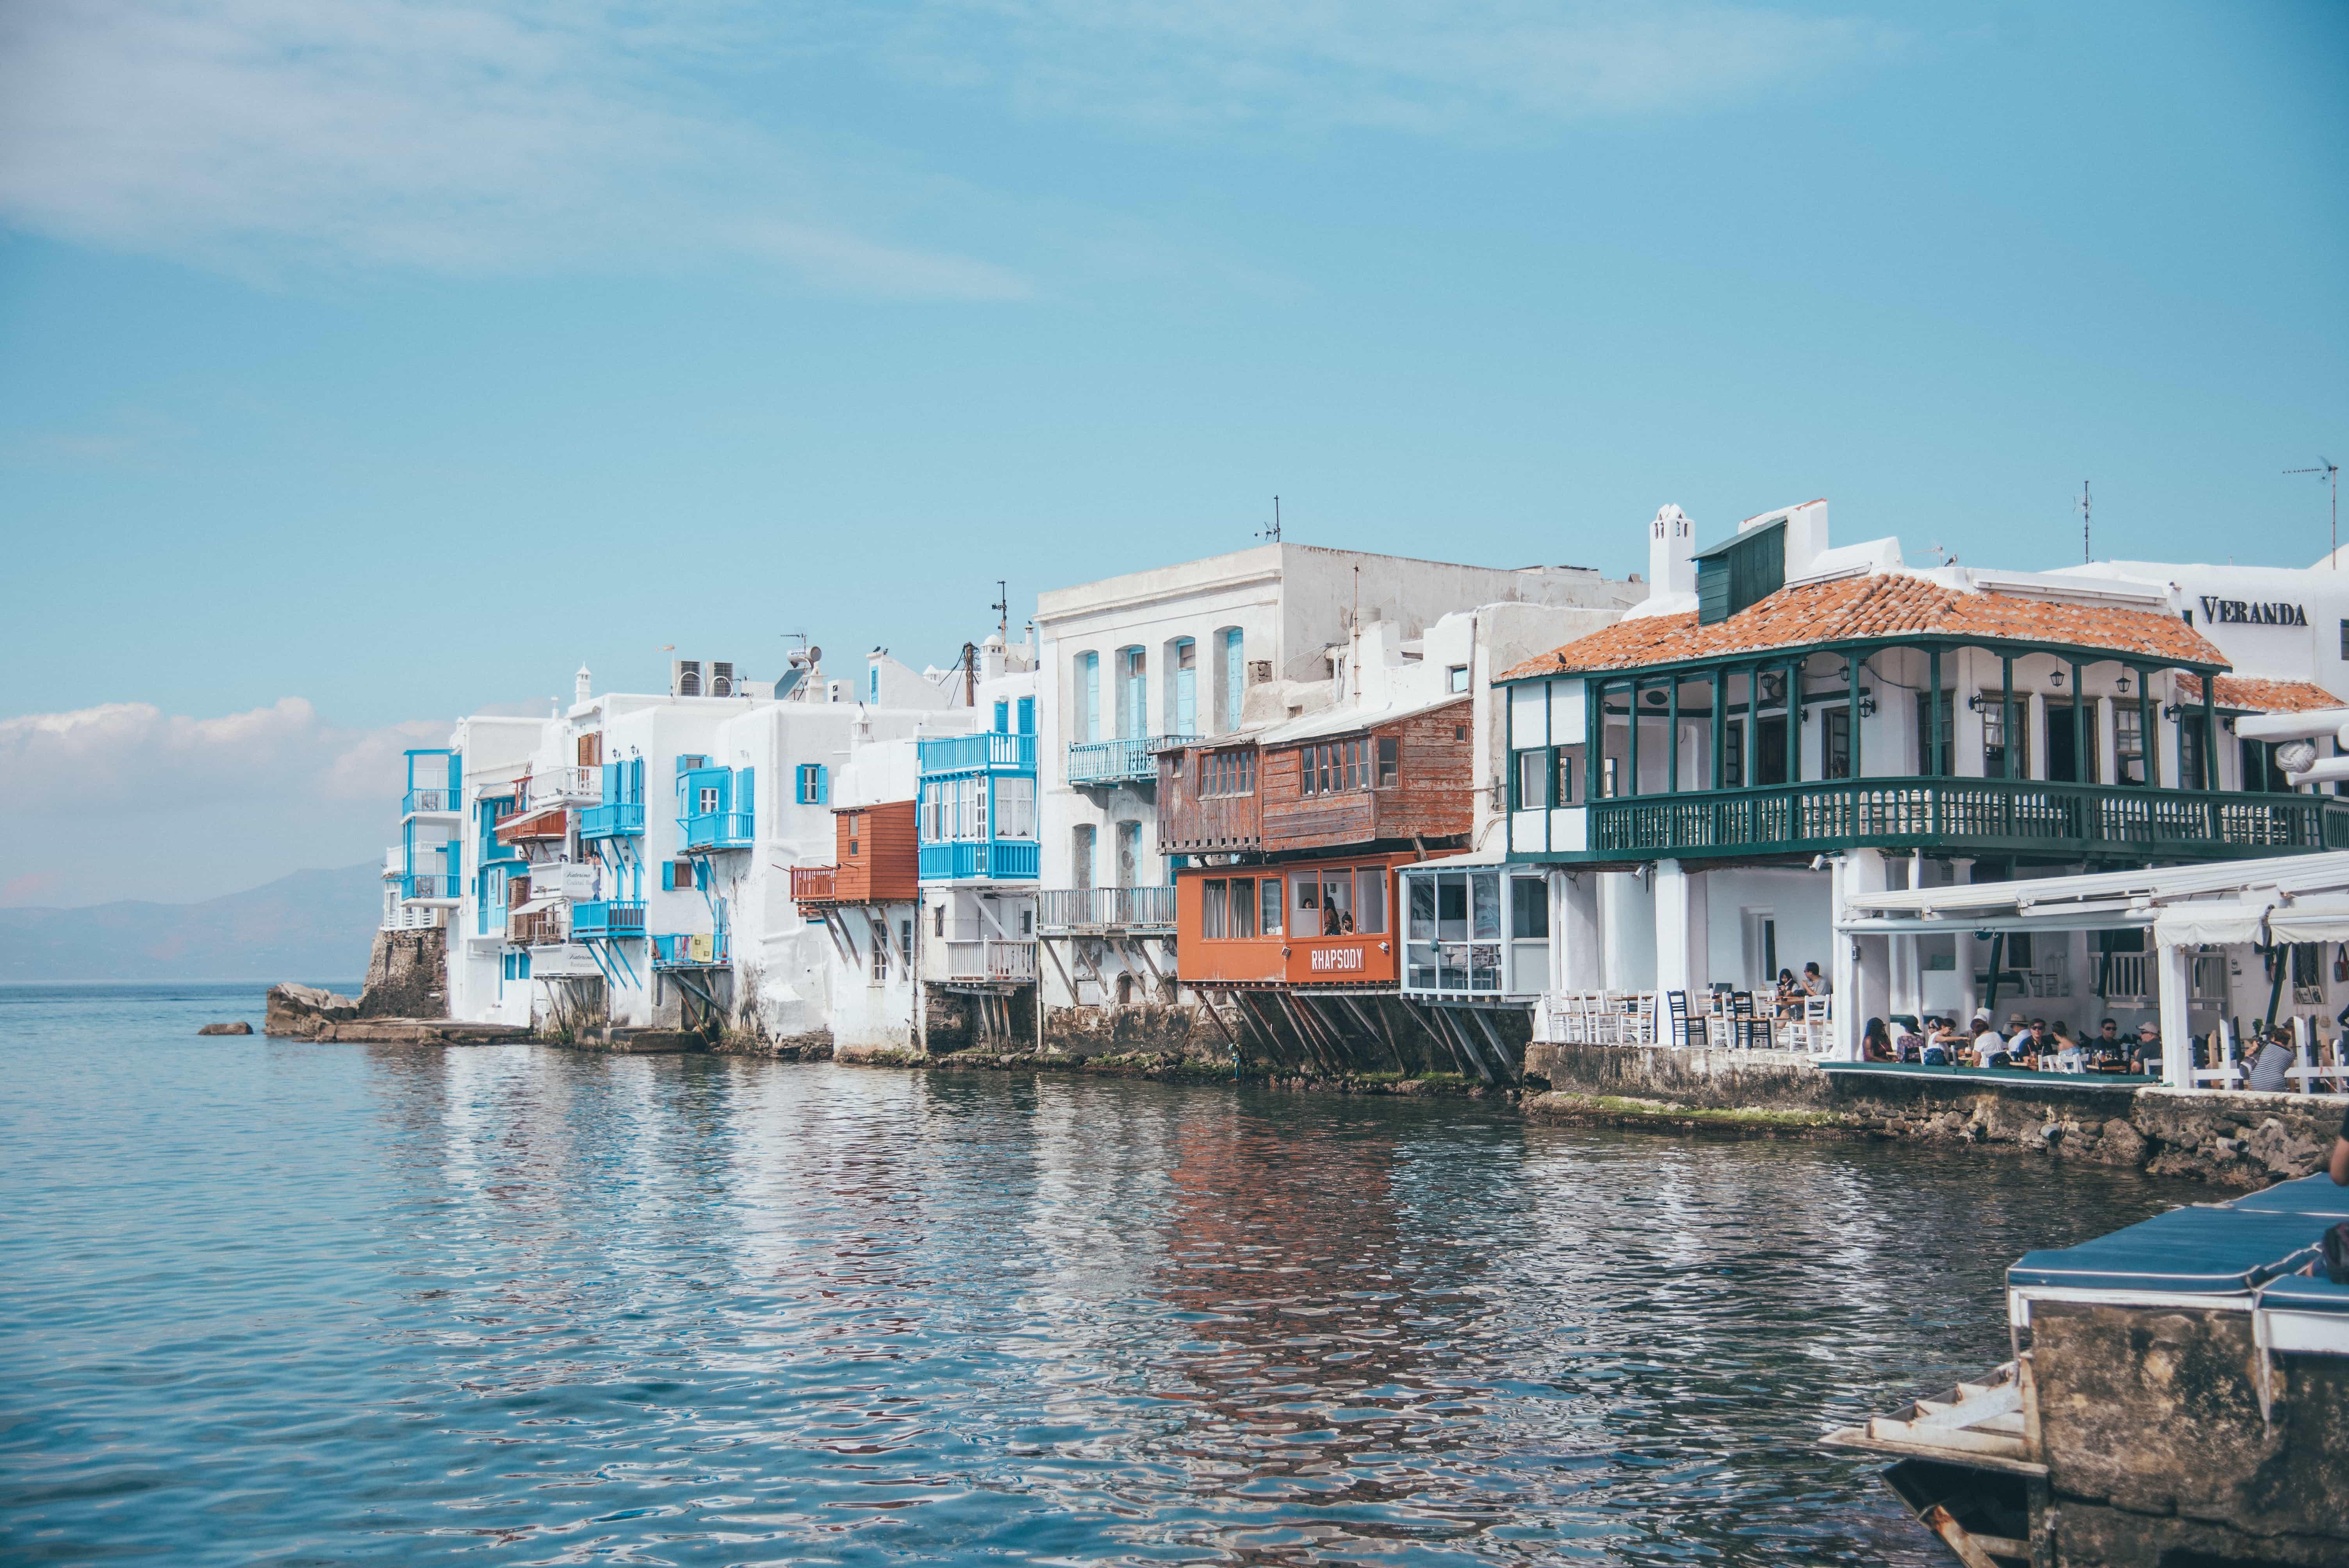 instagrammable places in Greece, Little Venice Mykonos